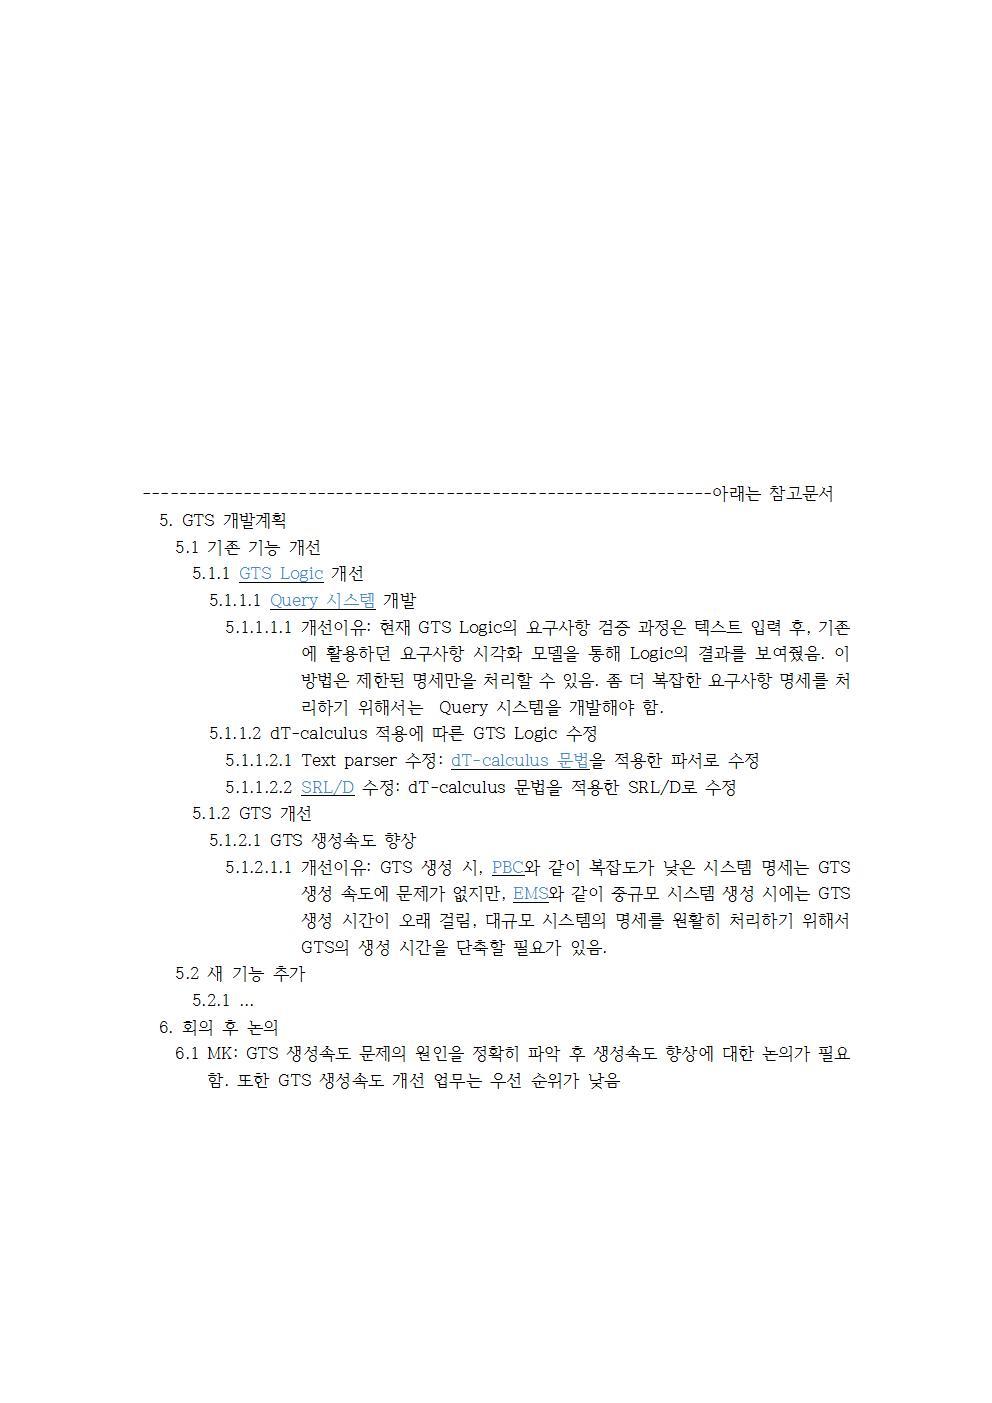 D-[17-005-RD-01]-[SAVE2.0-ADOxx]-[YB, SH]-[2017-09-21]003.jpg